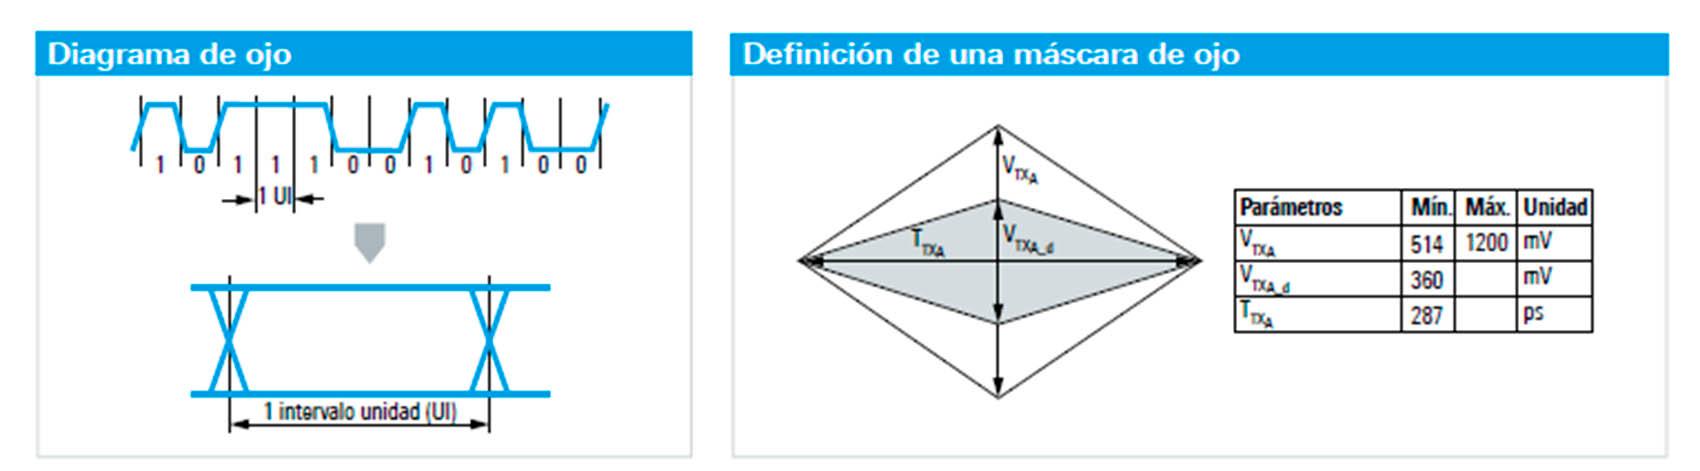 Famoso El Diagrama De Ojo Marcado Modelo - Anatomía de Las ...